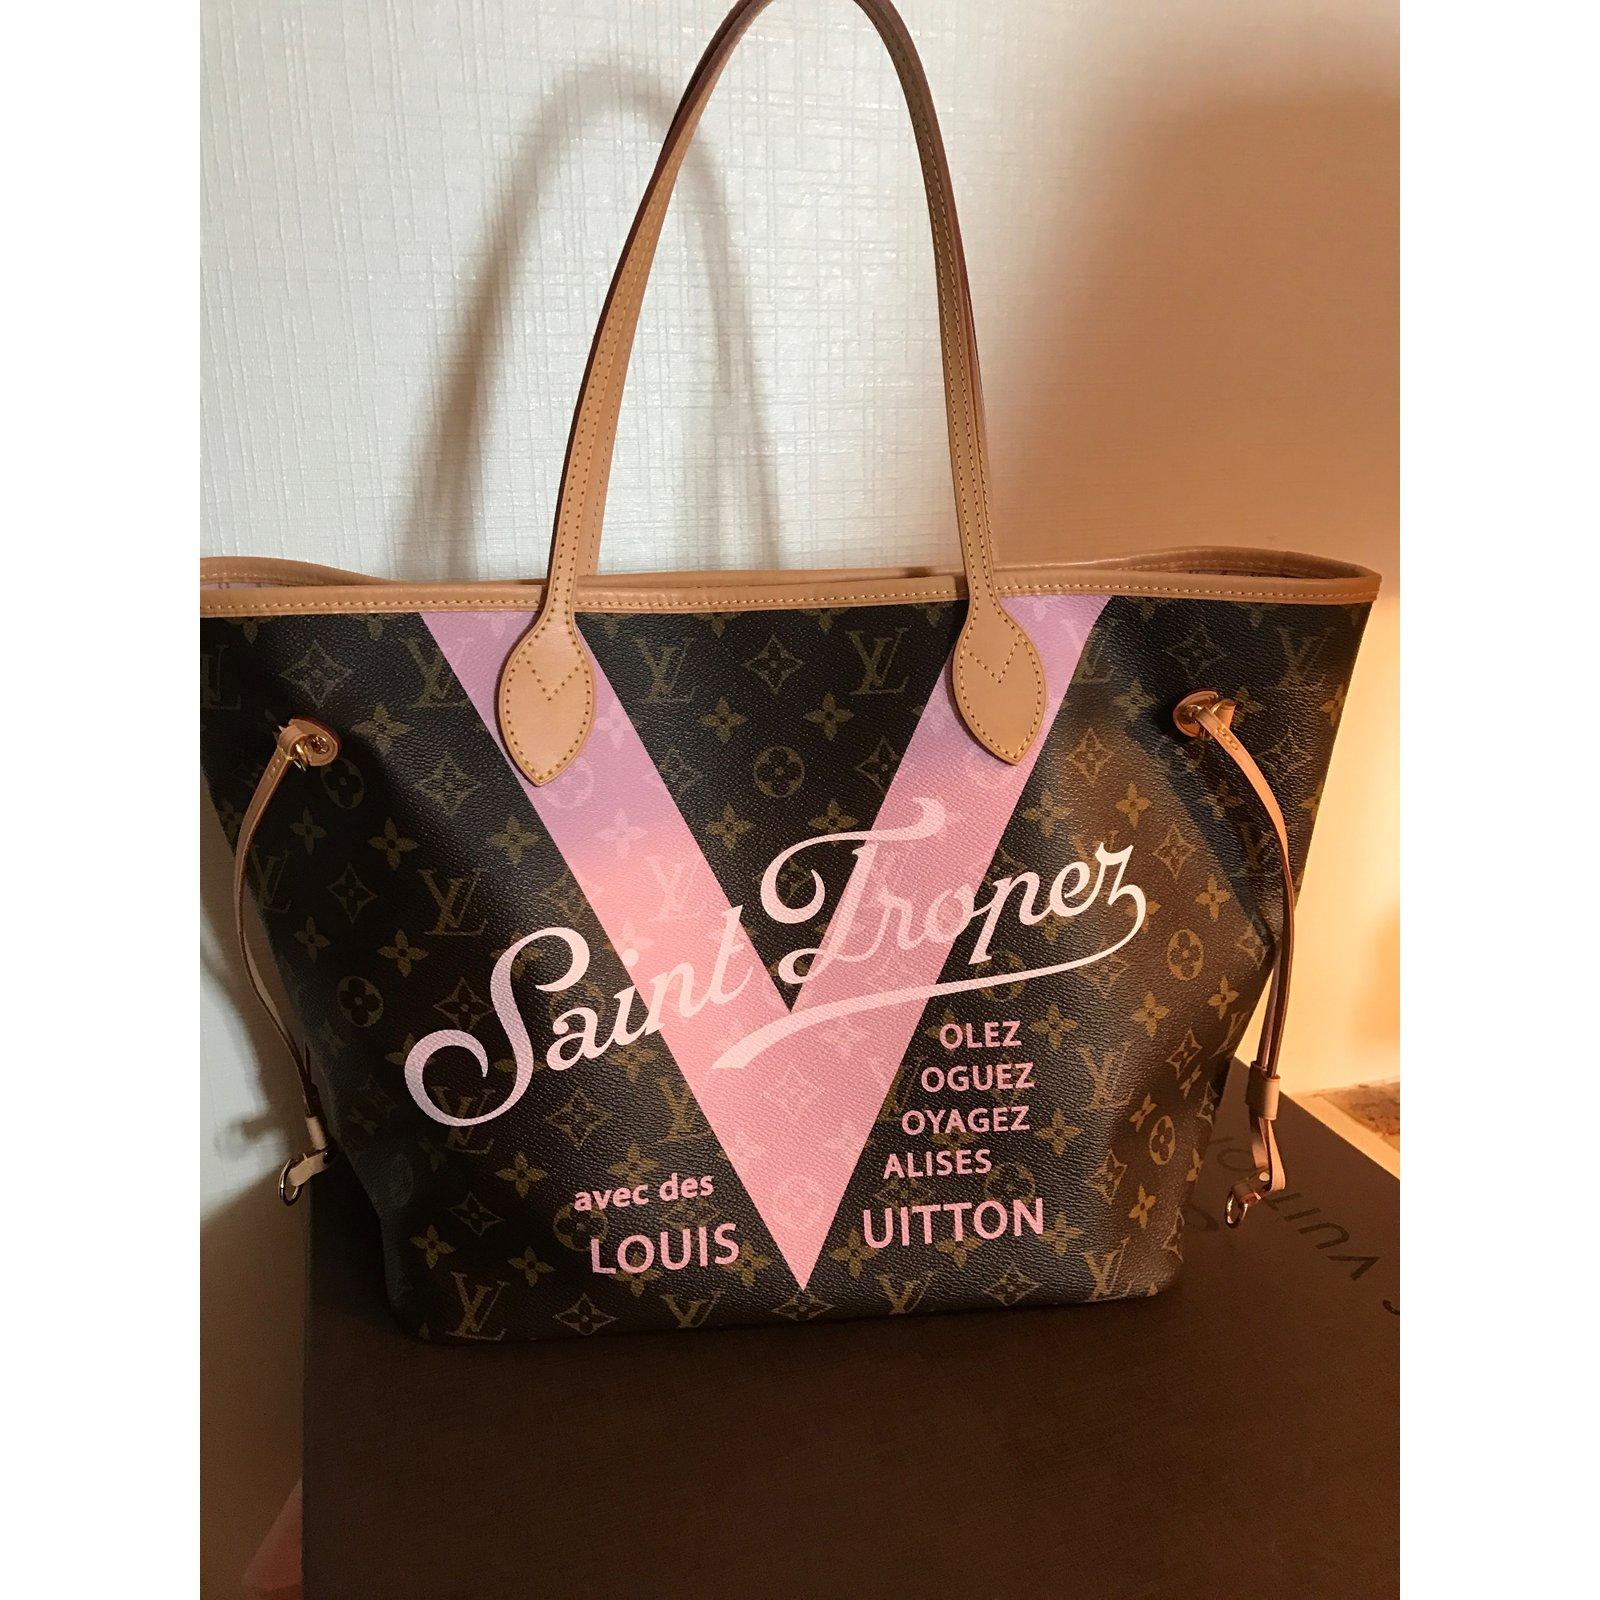 Sacs à main Louis Vuitton Louis Vuitton neverfull MM rose ballerine  superbe. Toile Autre ref.37292 - Joli Closet dc5568f698b